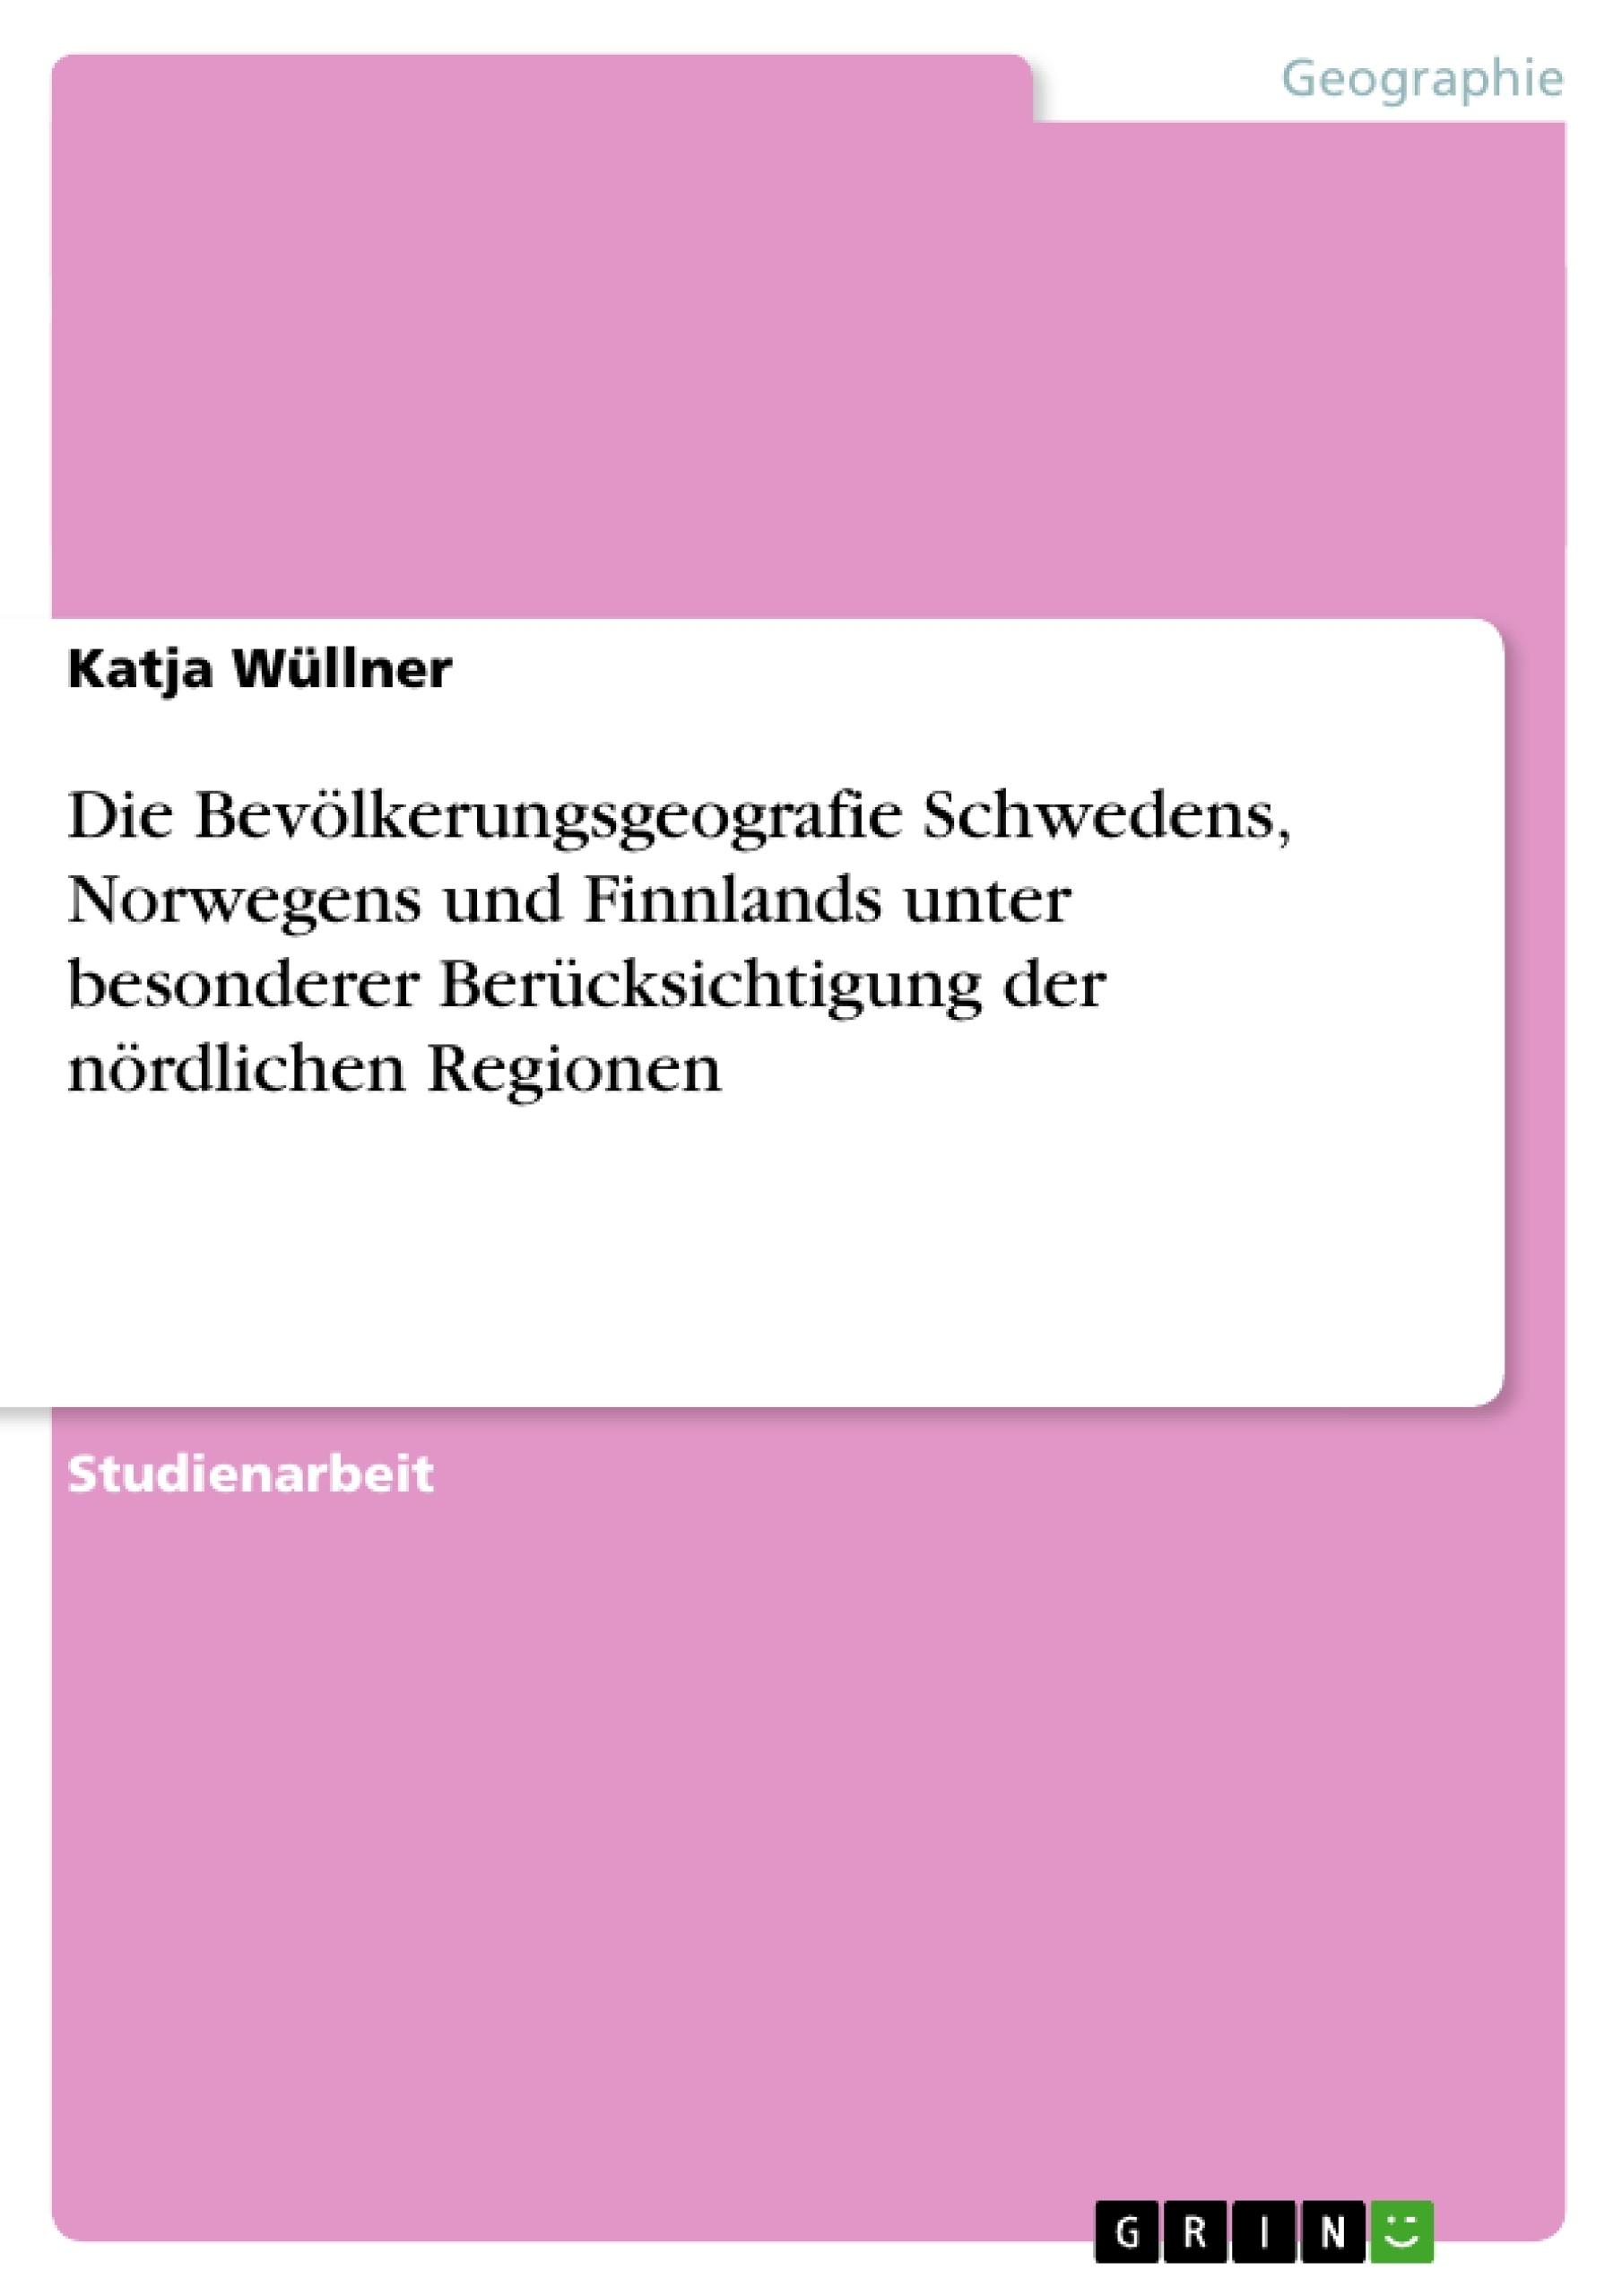 Titel: Die Bevölkerungsgeografie Schwedens, Norwegens und Finnlands unter besonderer Berücksichtigung der nördlichen Regionen